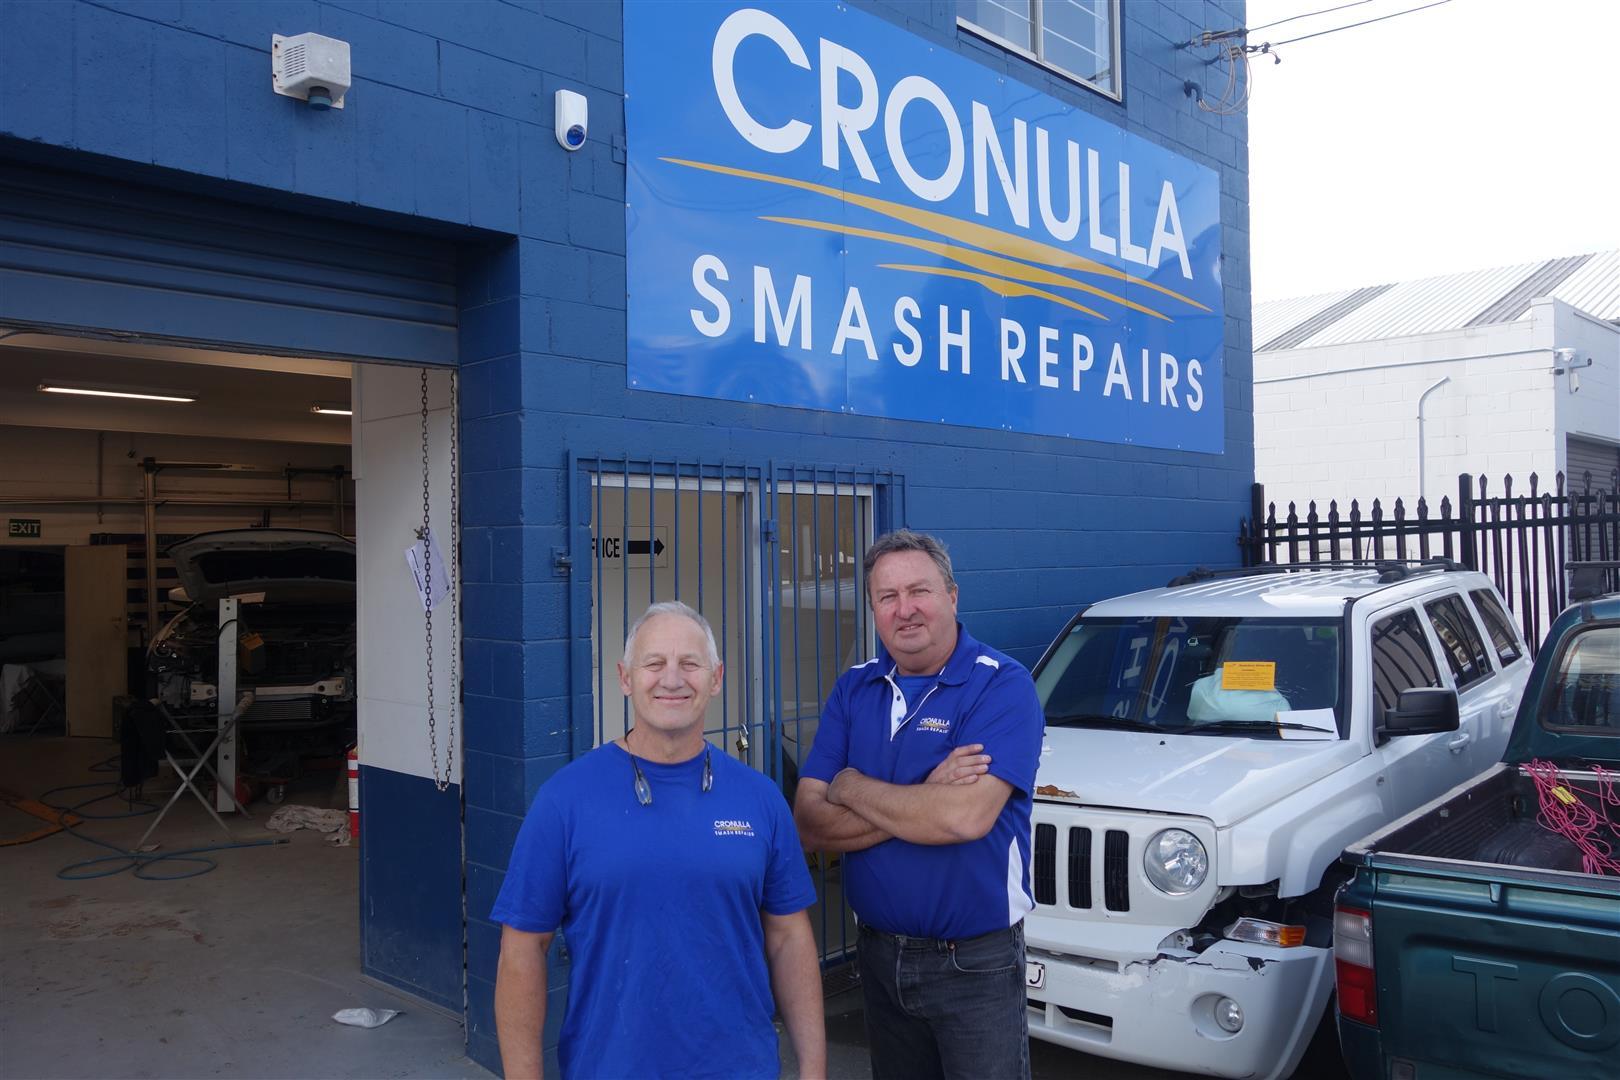 Cronulla Smash Repairs Photos